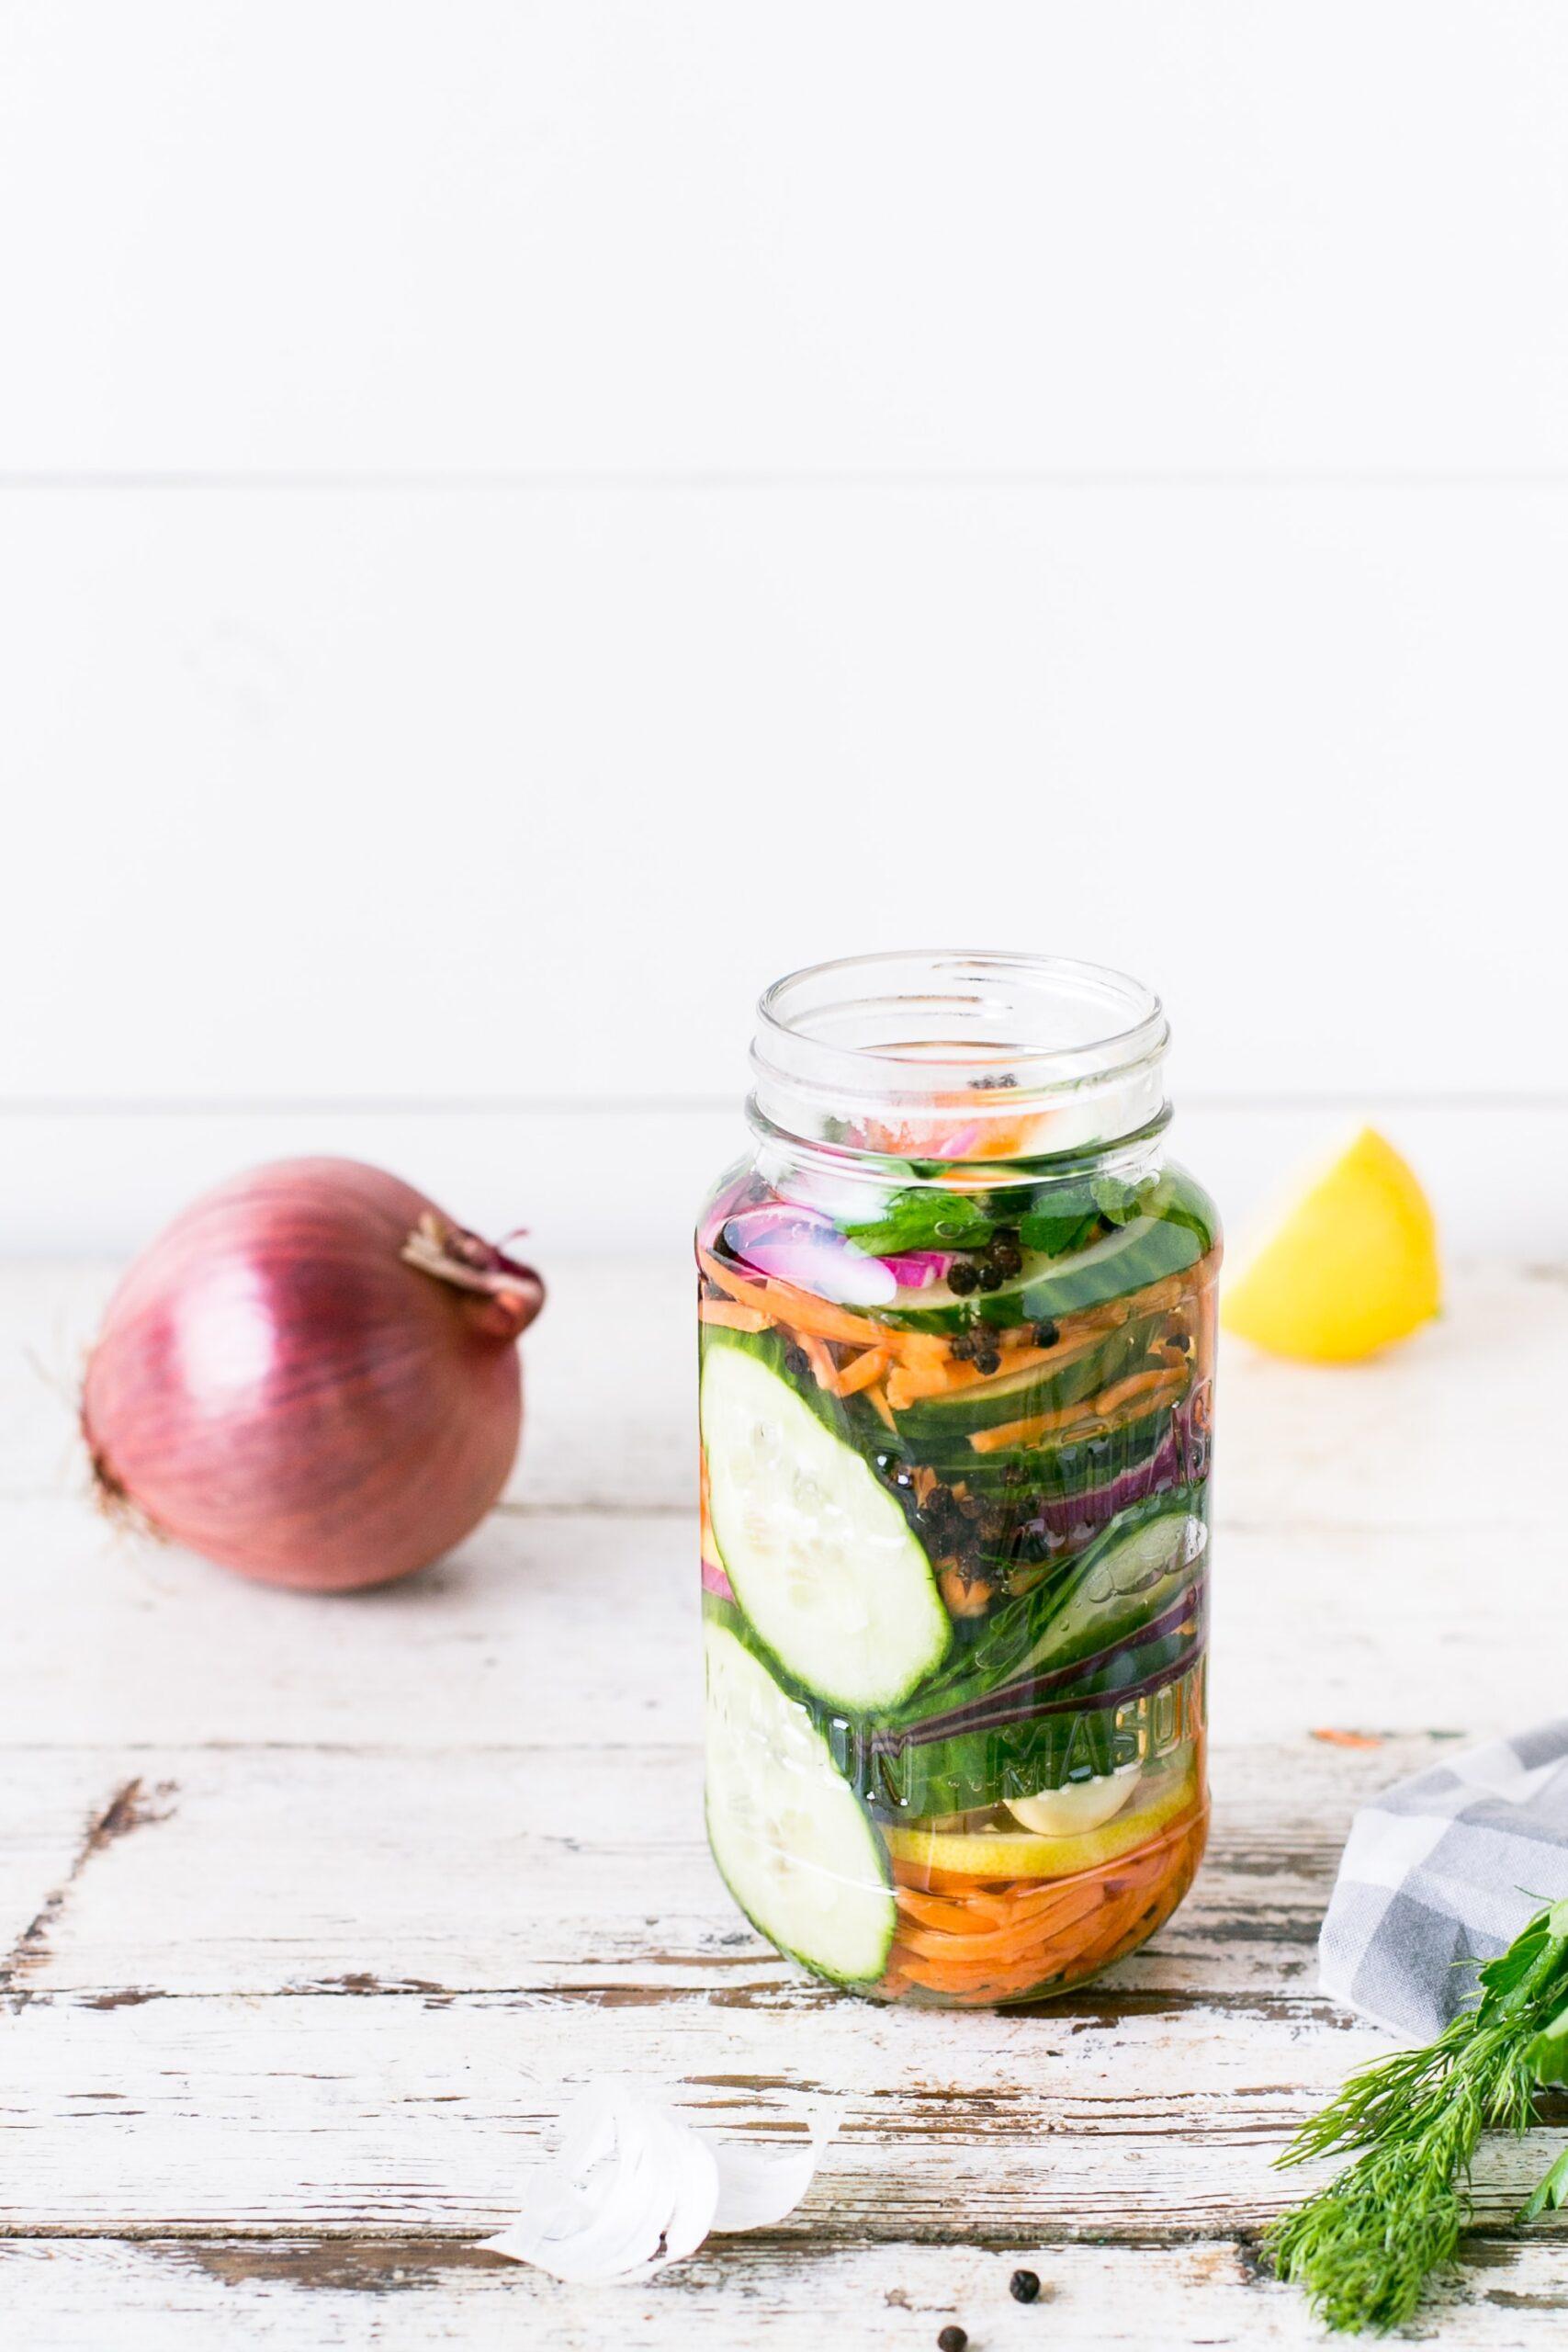 ingredients in a jar